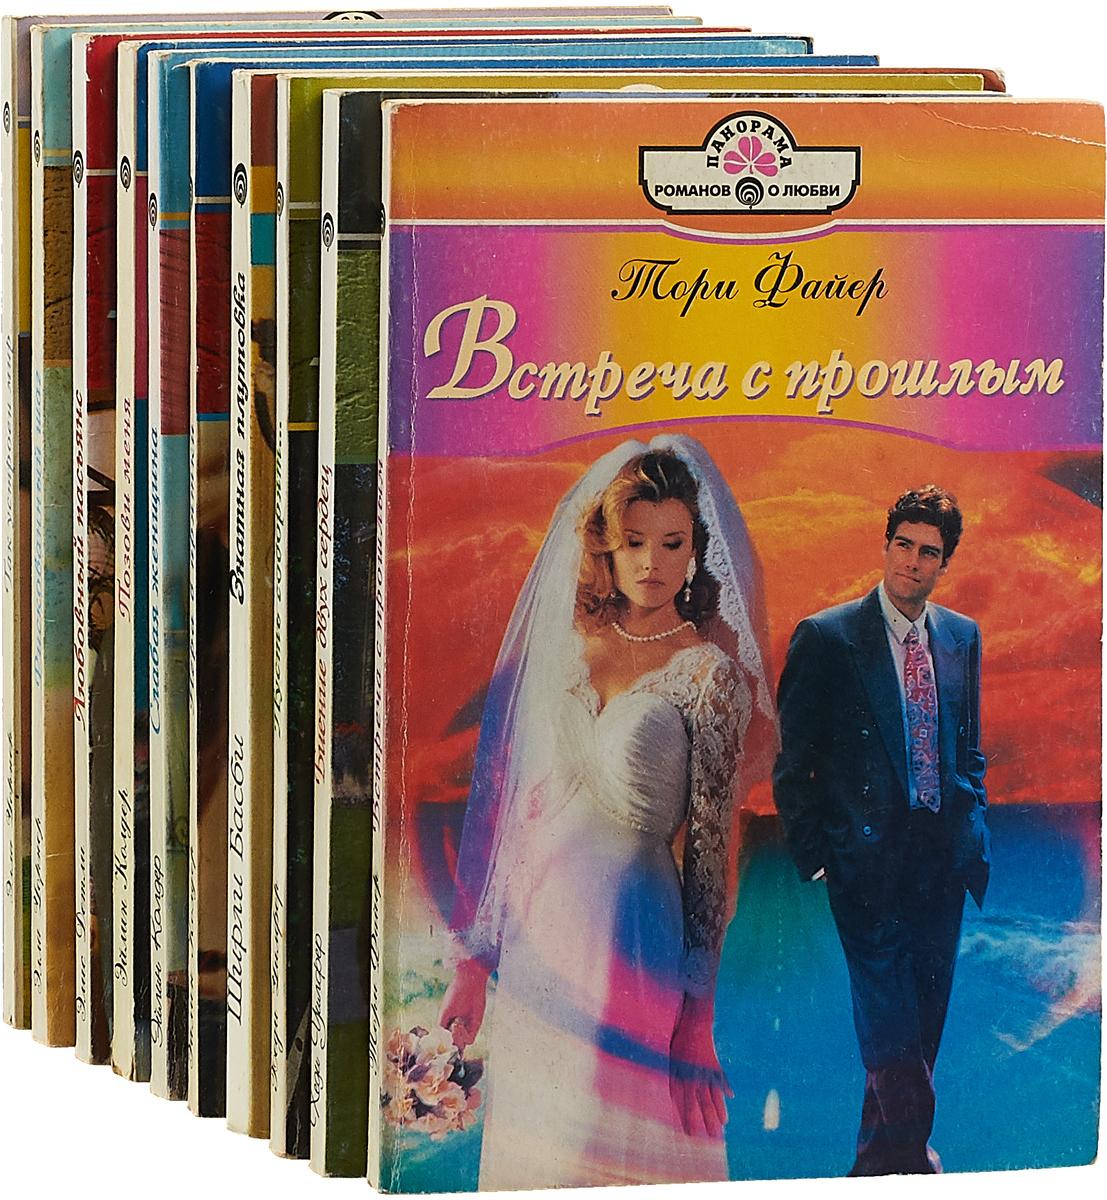 картинки книг панорама романов о любви